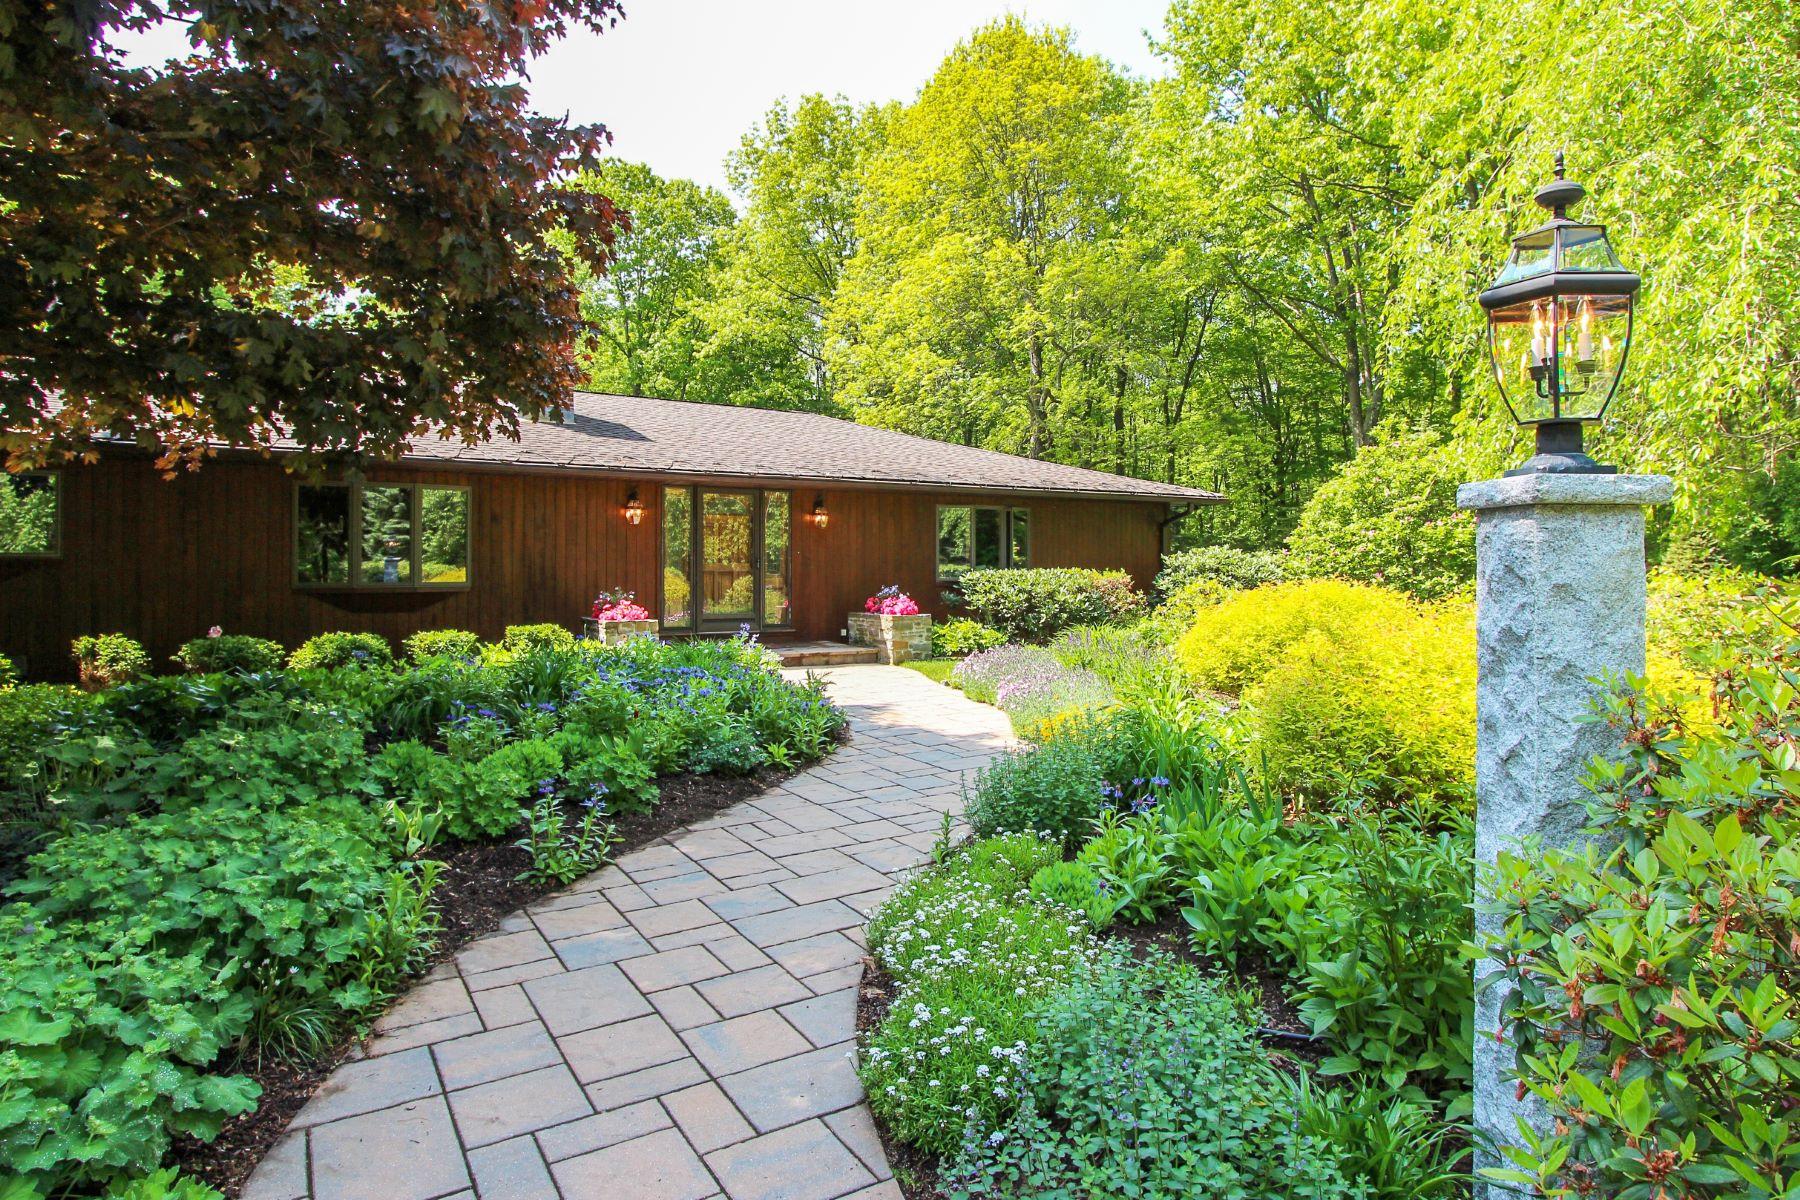 Частный односемейный дом для того Продажа на Secluded Estate 104 Hart Drive Litchfield, Коннектикут 06759 Соединенные Штаты